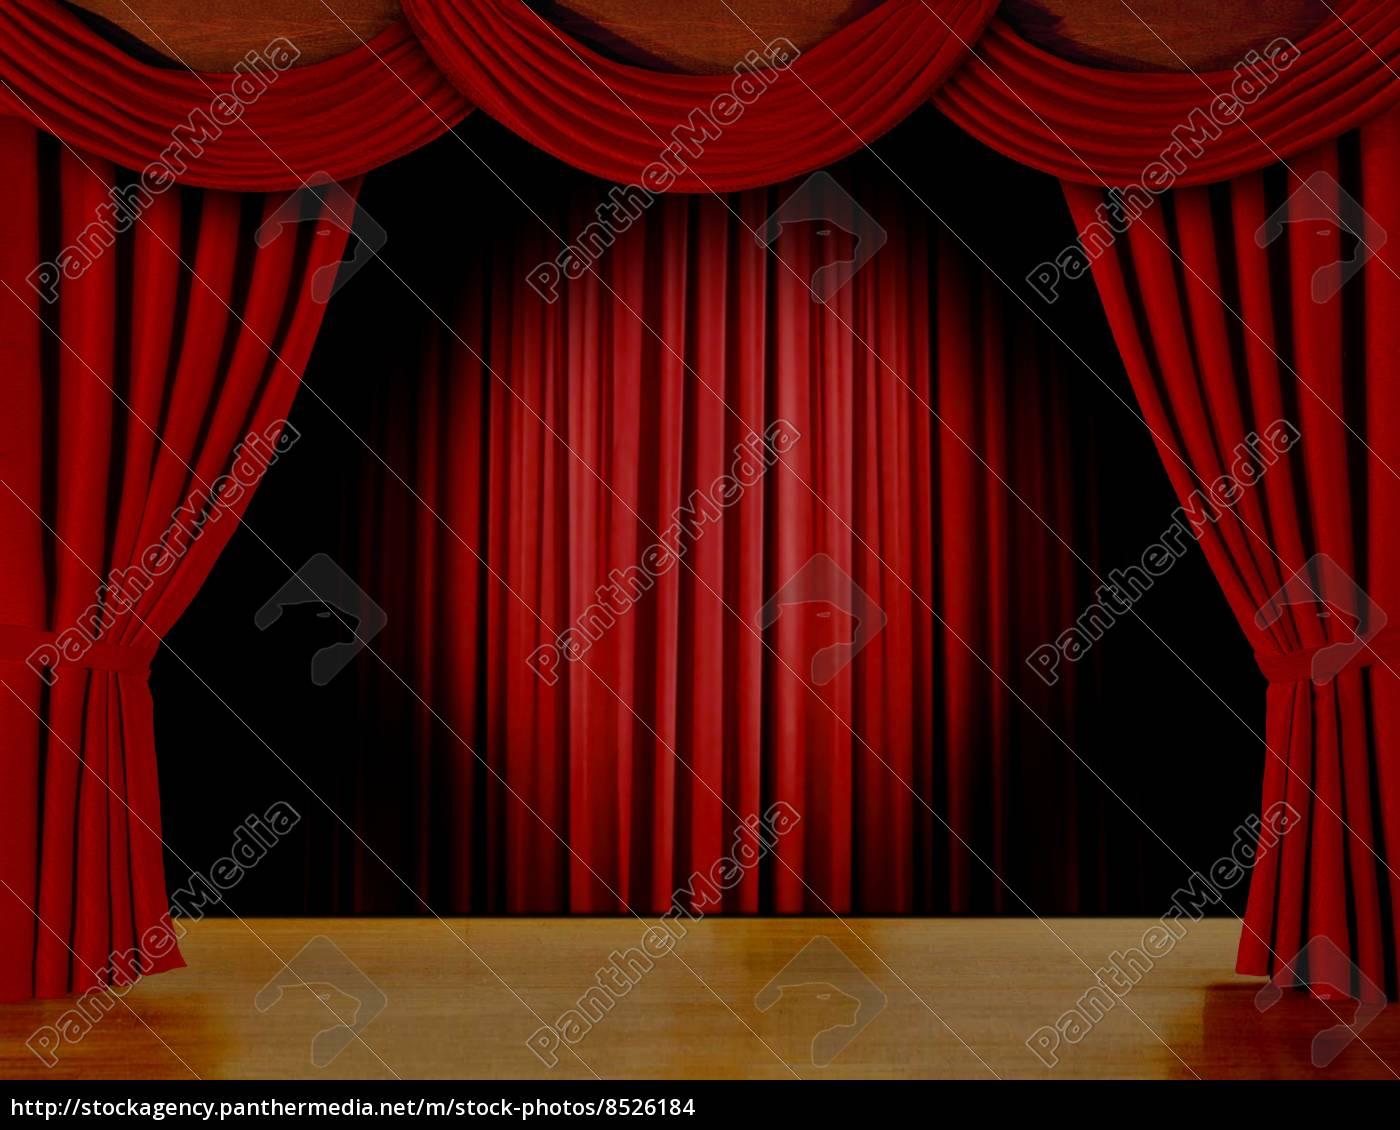 det røde gardin rødt gardin på scenen   Stockphoto   #8526184   PantherMedia  det røde gardin